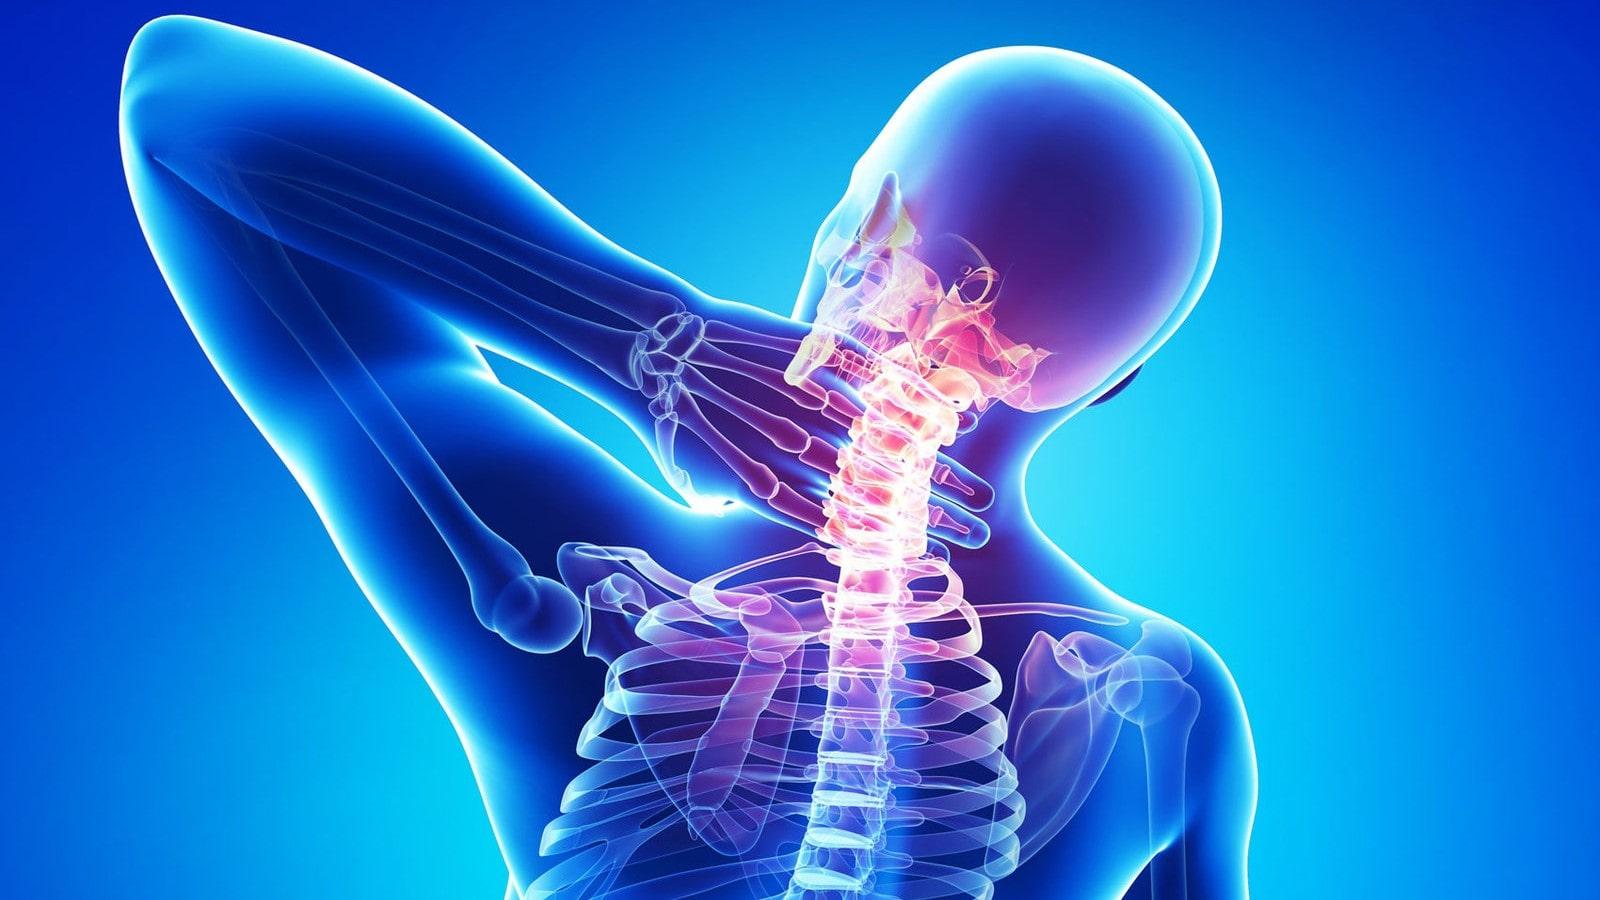 лечении травм позвоночника